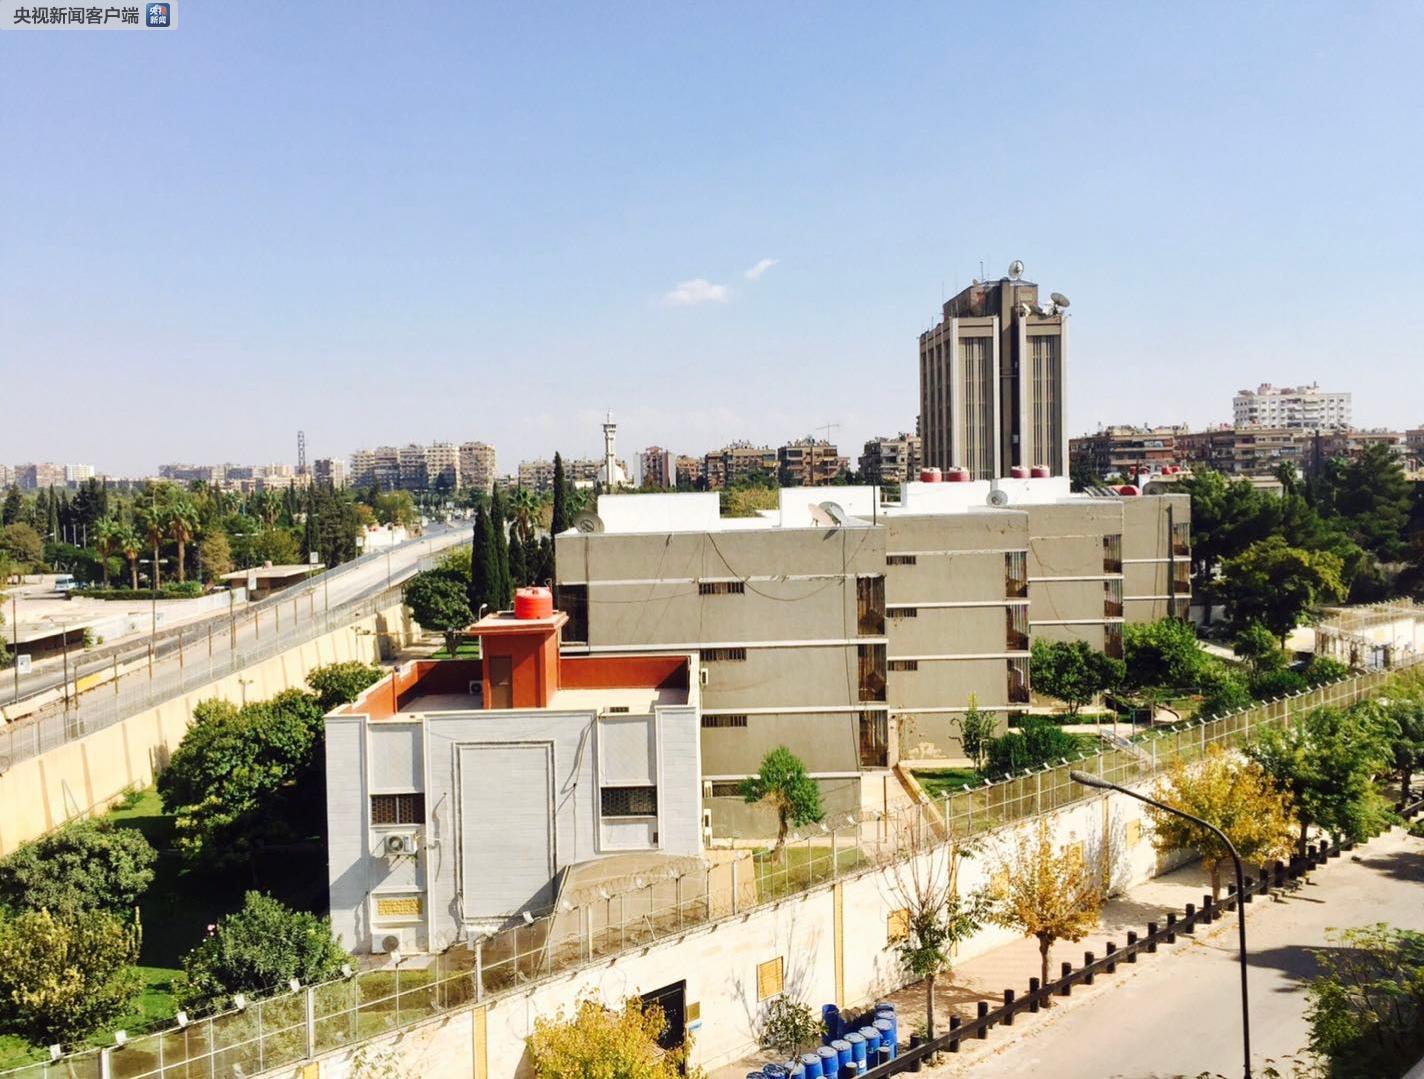 快讯!俄罗斯驻叙利亚大使馆附近发生爆炸